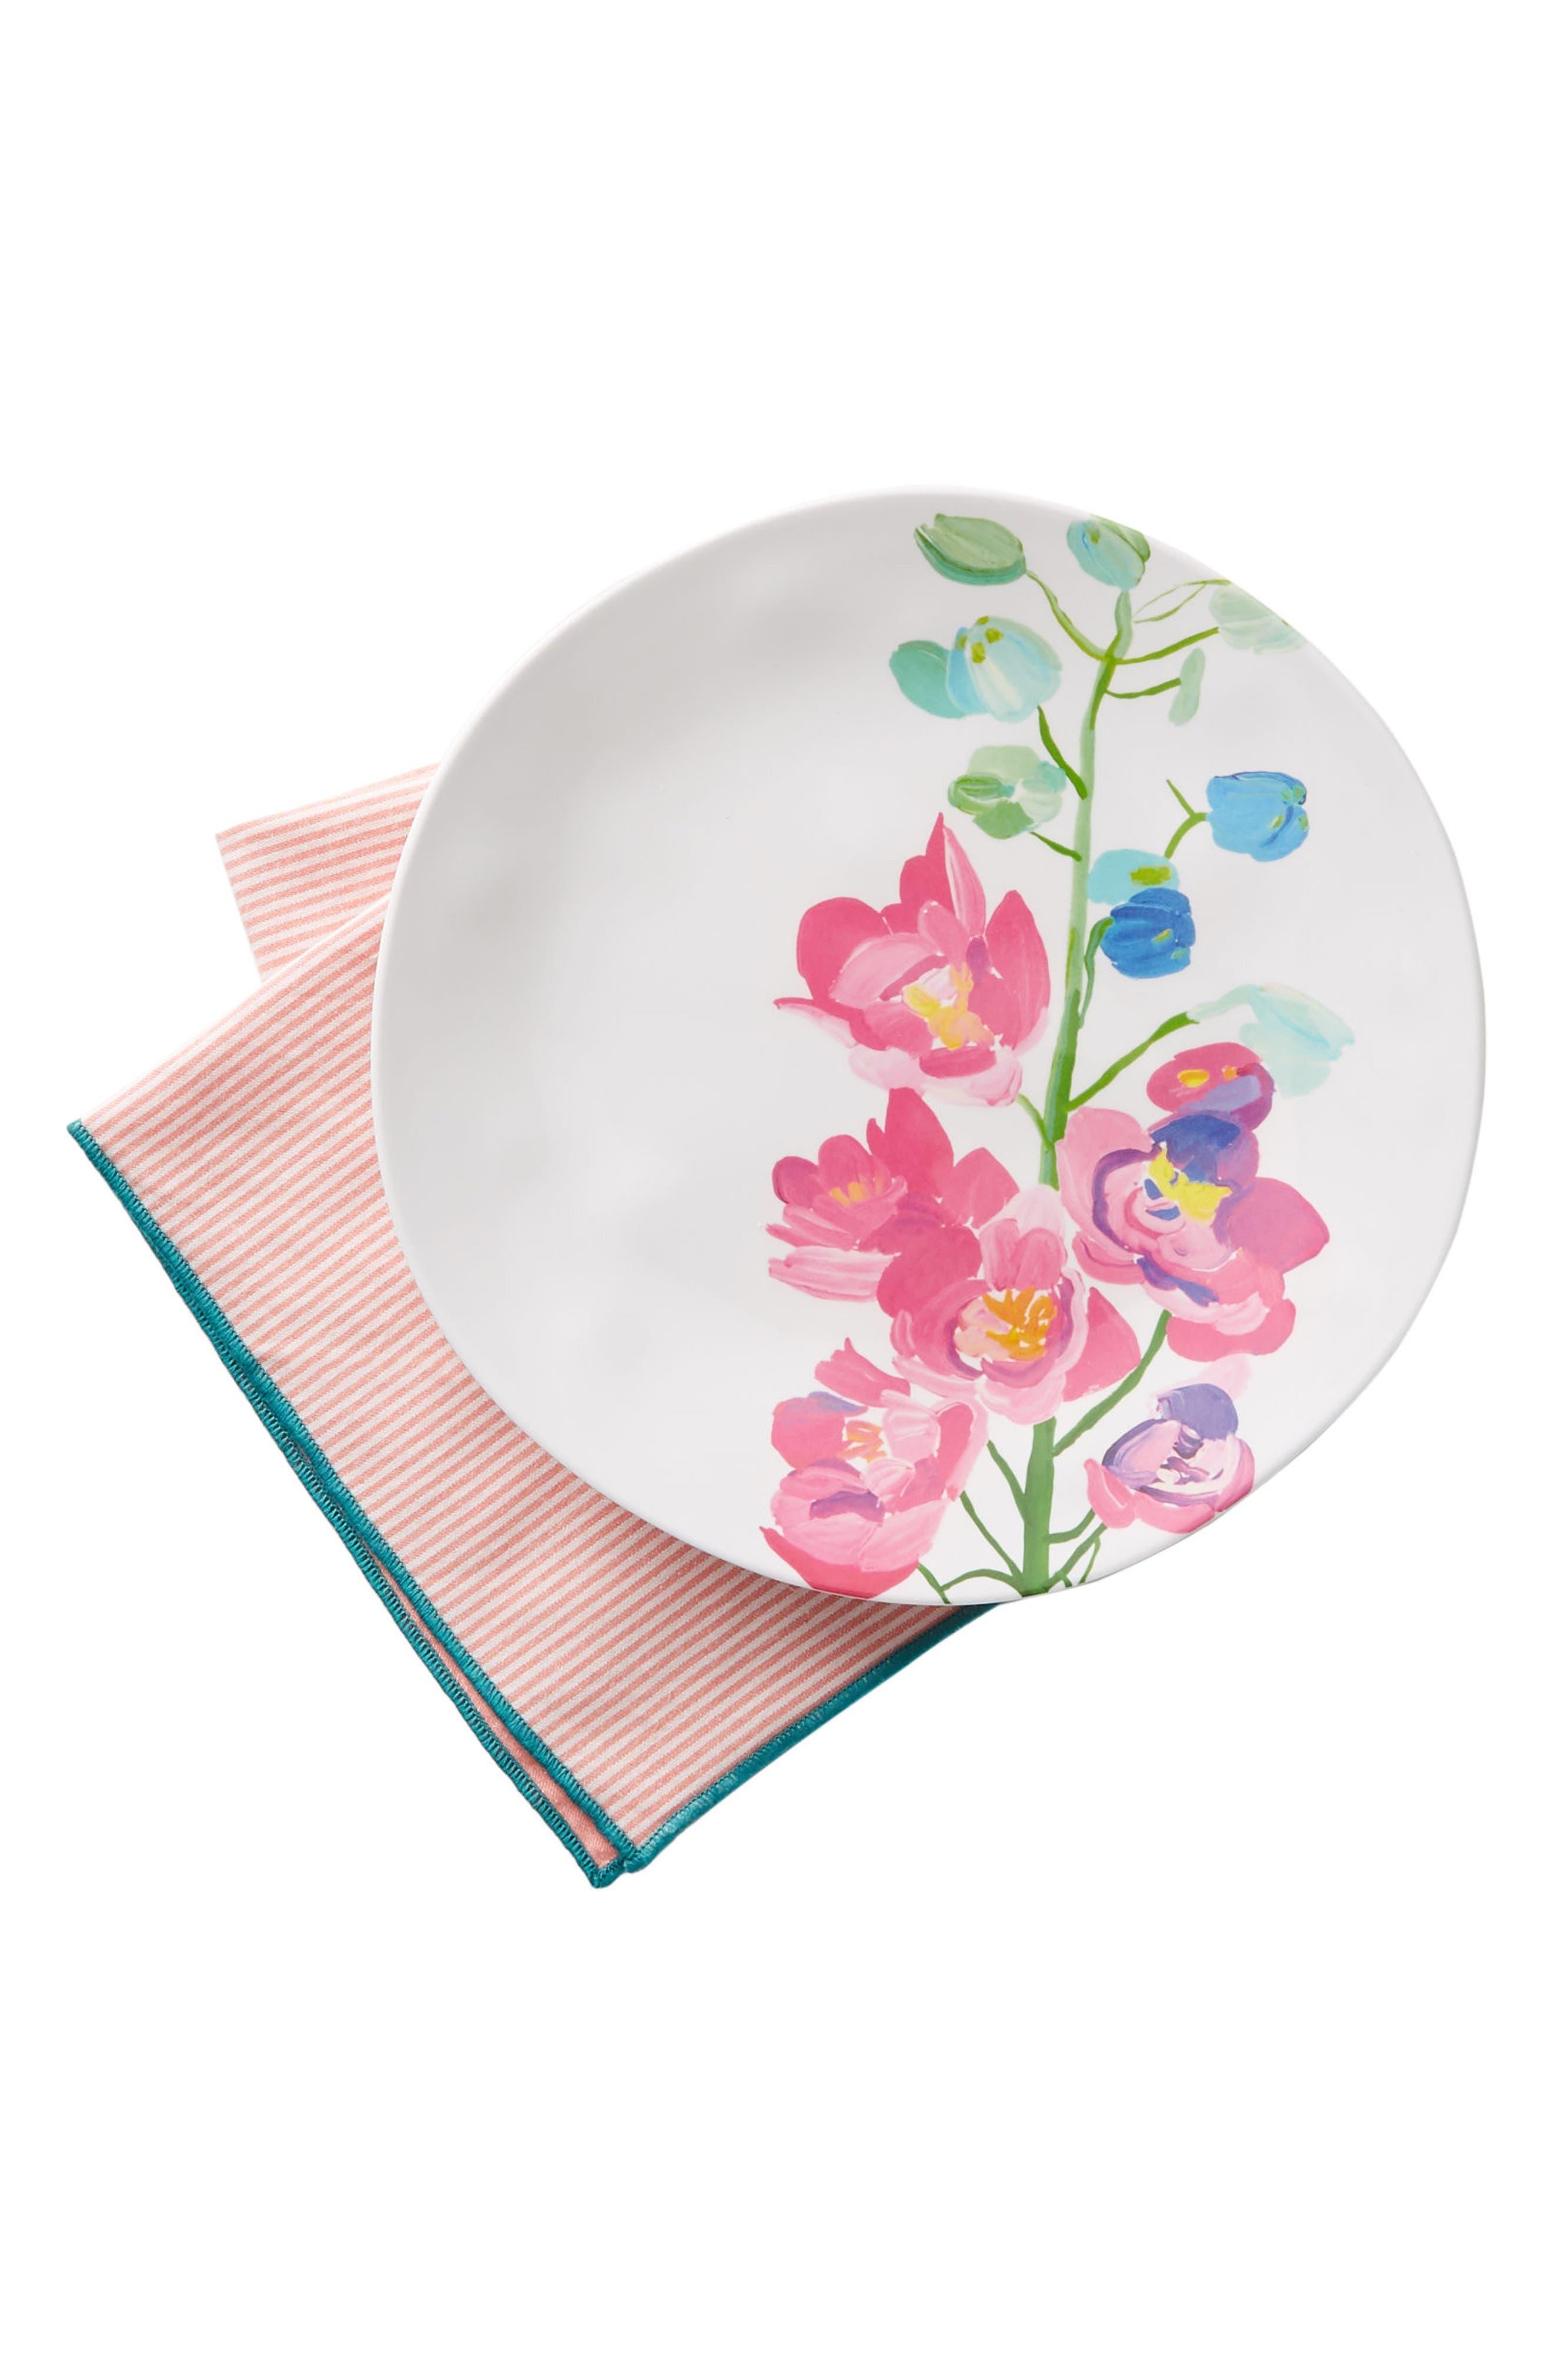 Paint + Petals Melamine Plate,                             Alternate thumbnail 3, color,                             105